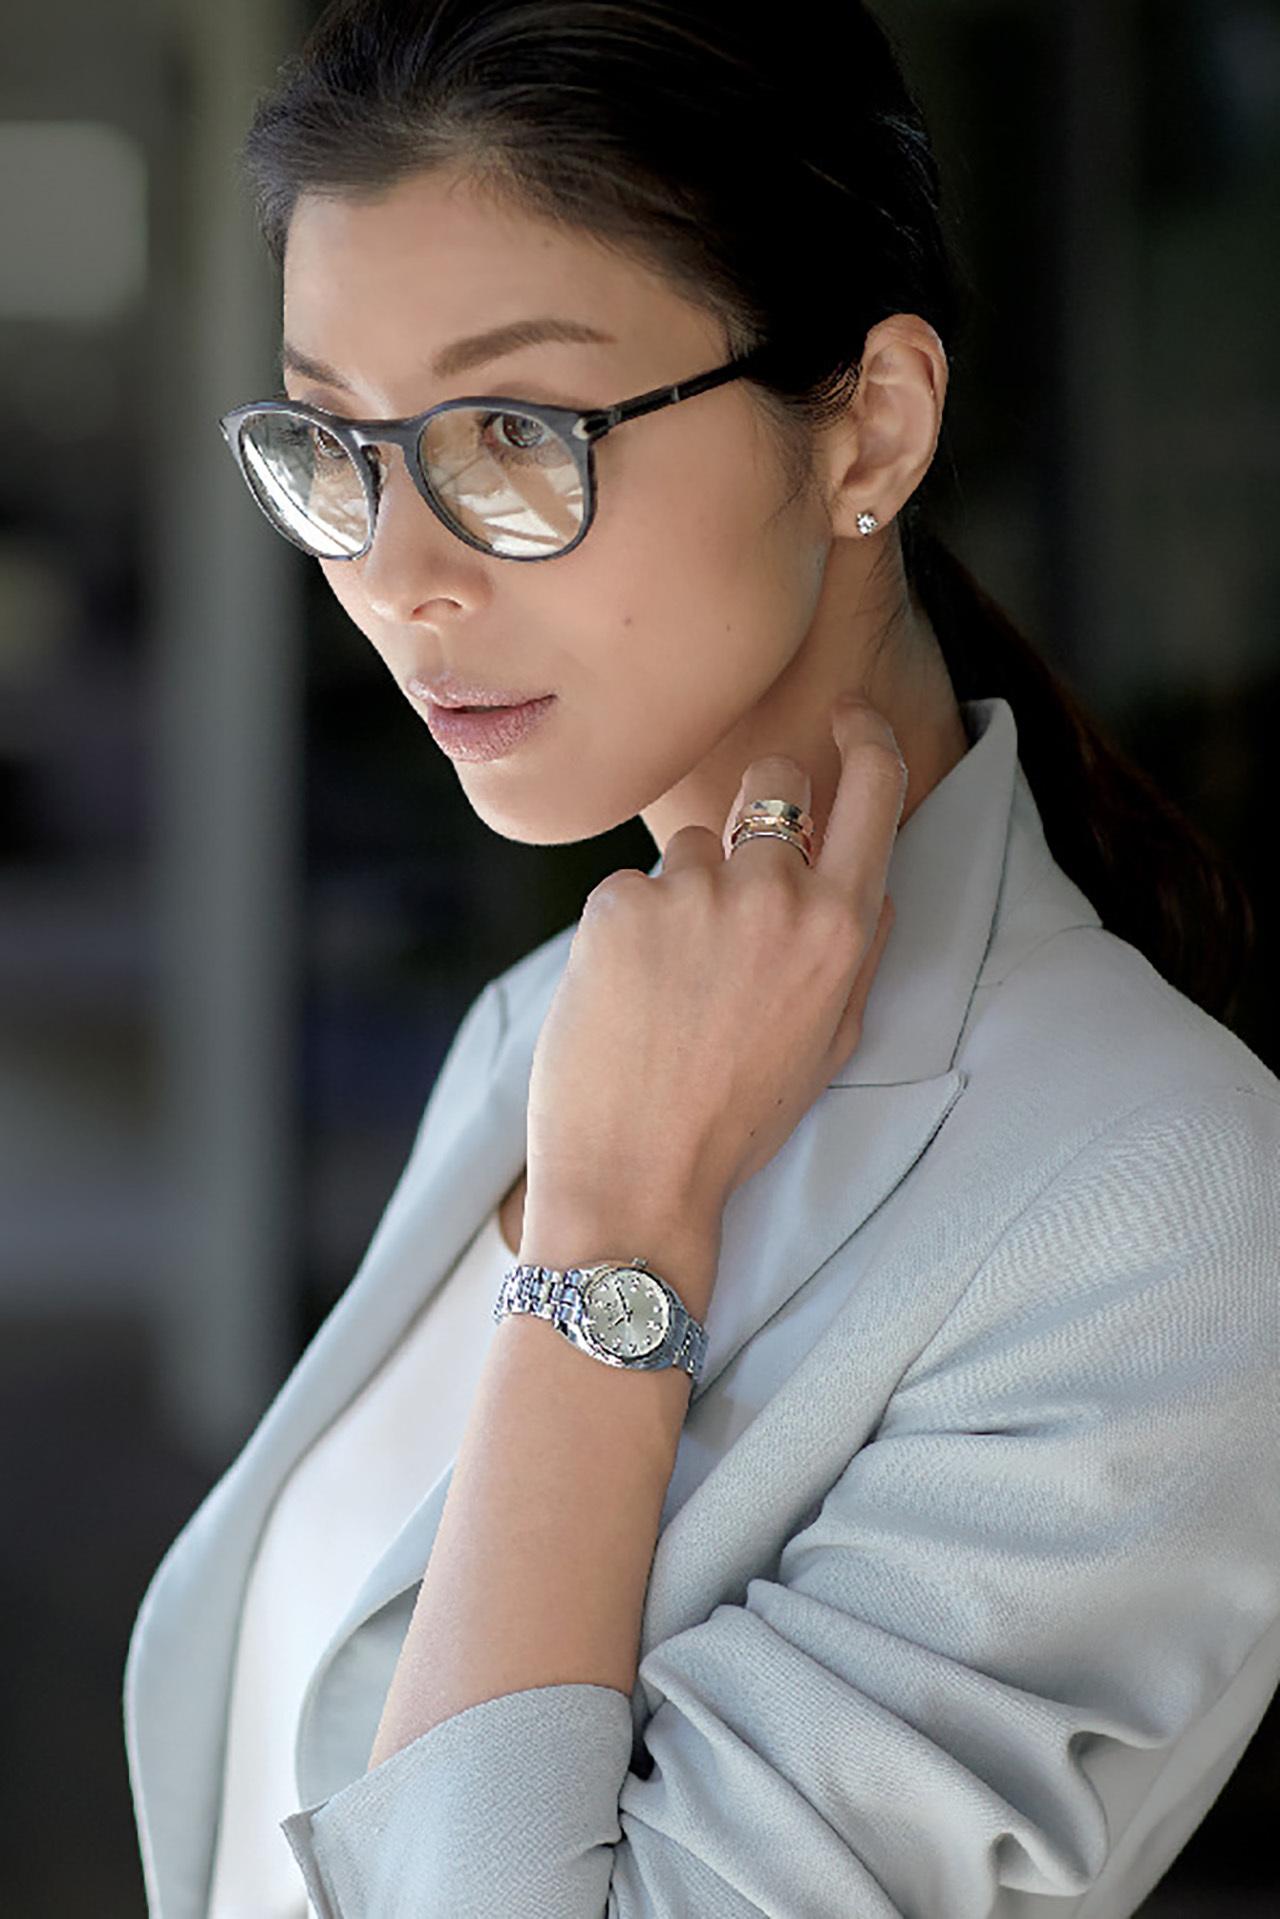 ビジネス服には本格派時計と女らしい時計を効かせて 五選_1_1-3